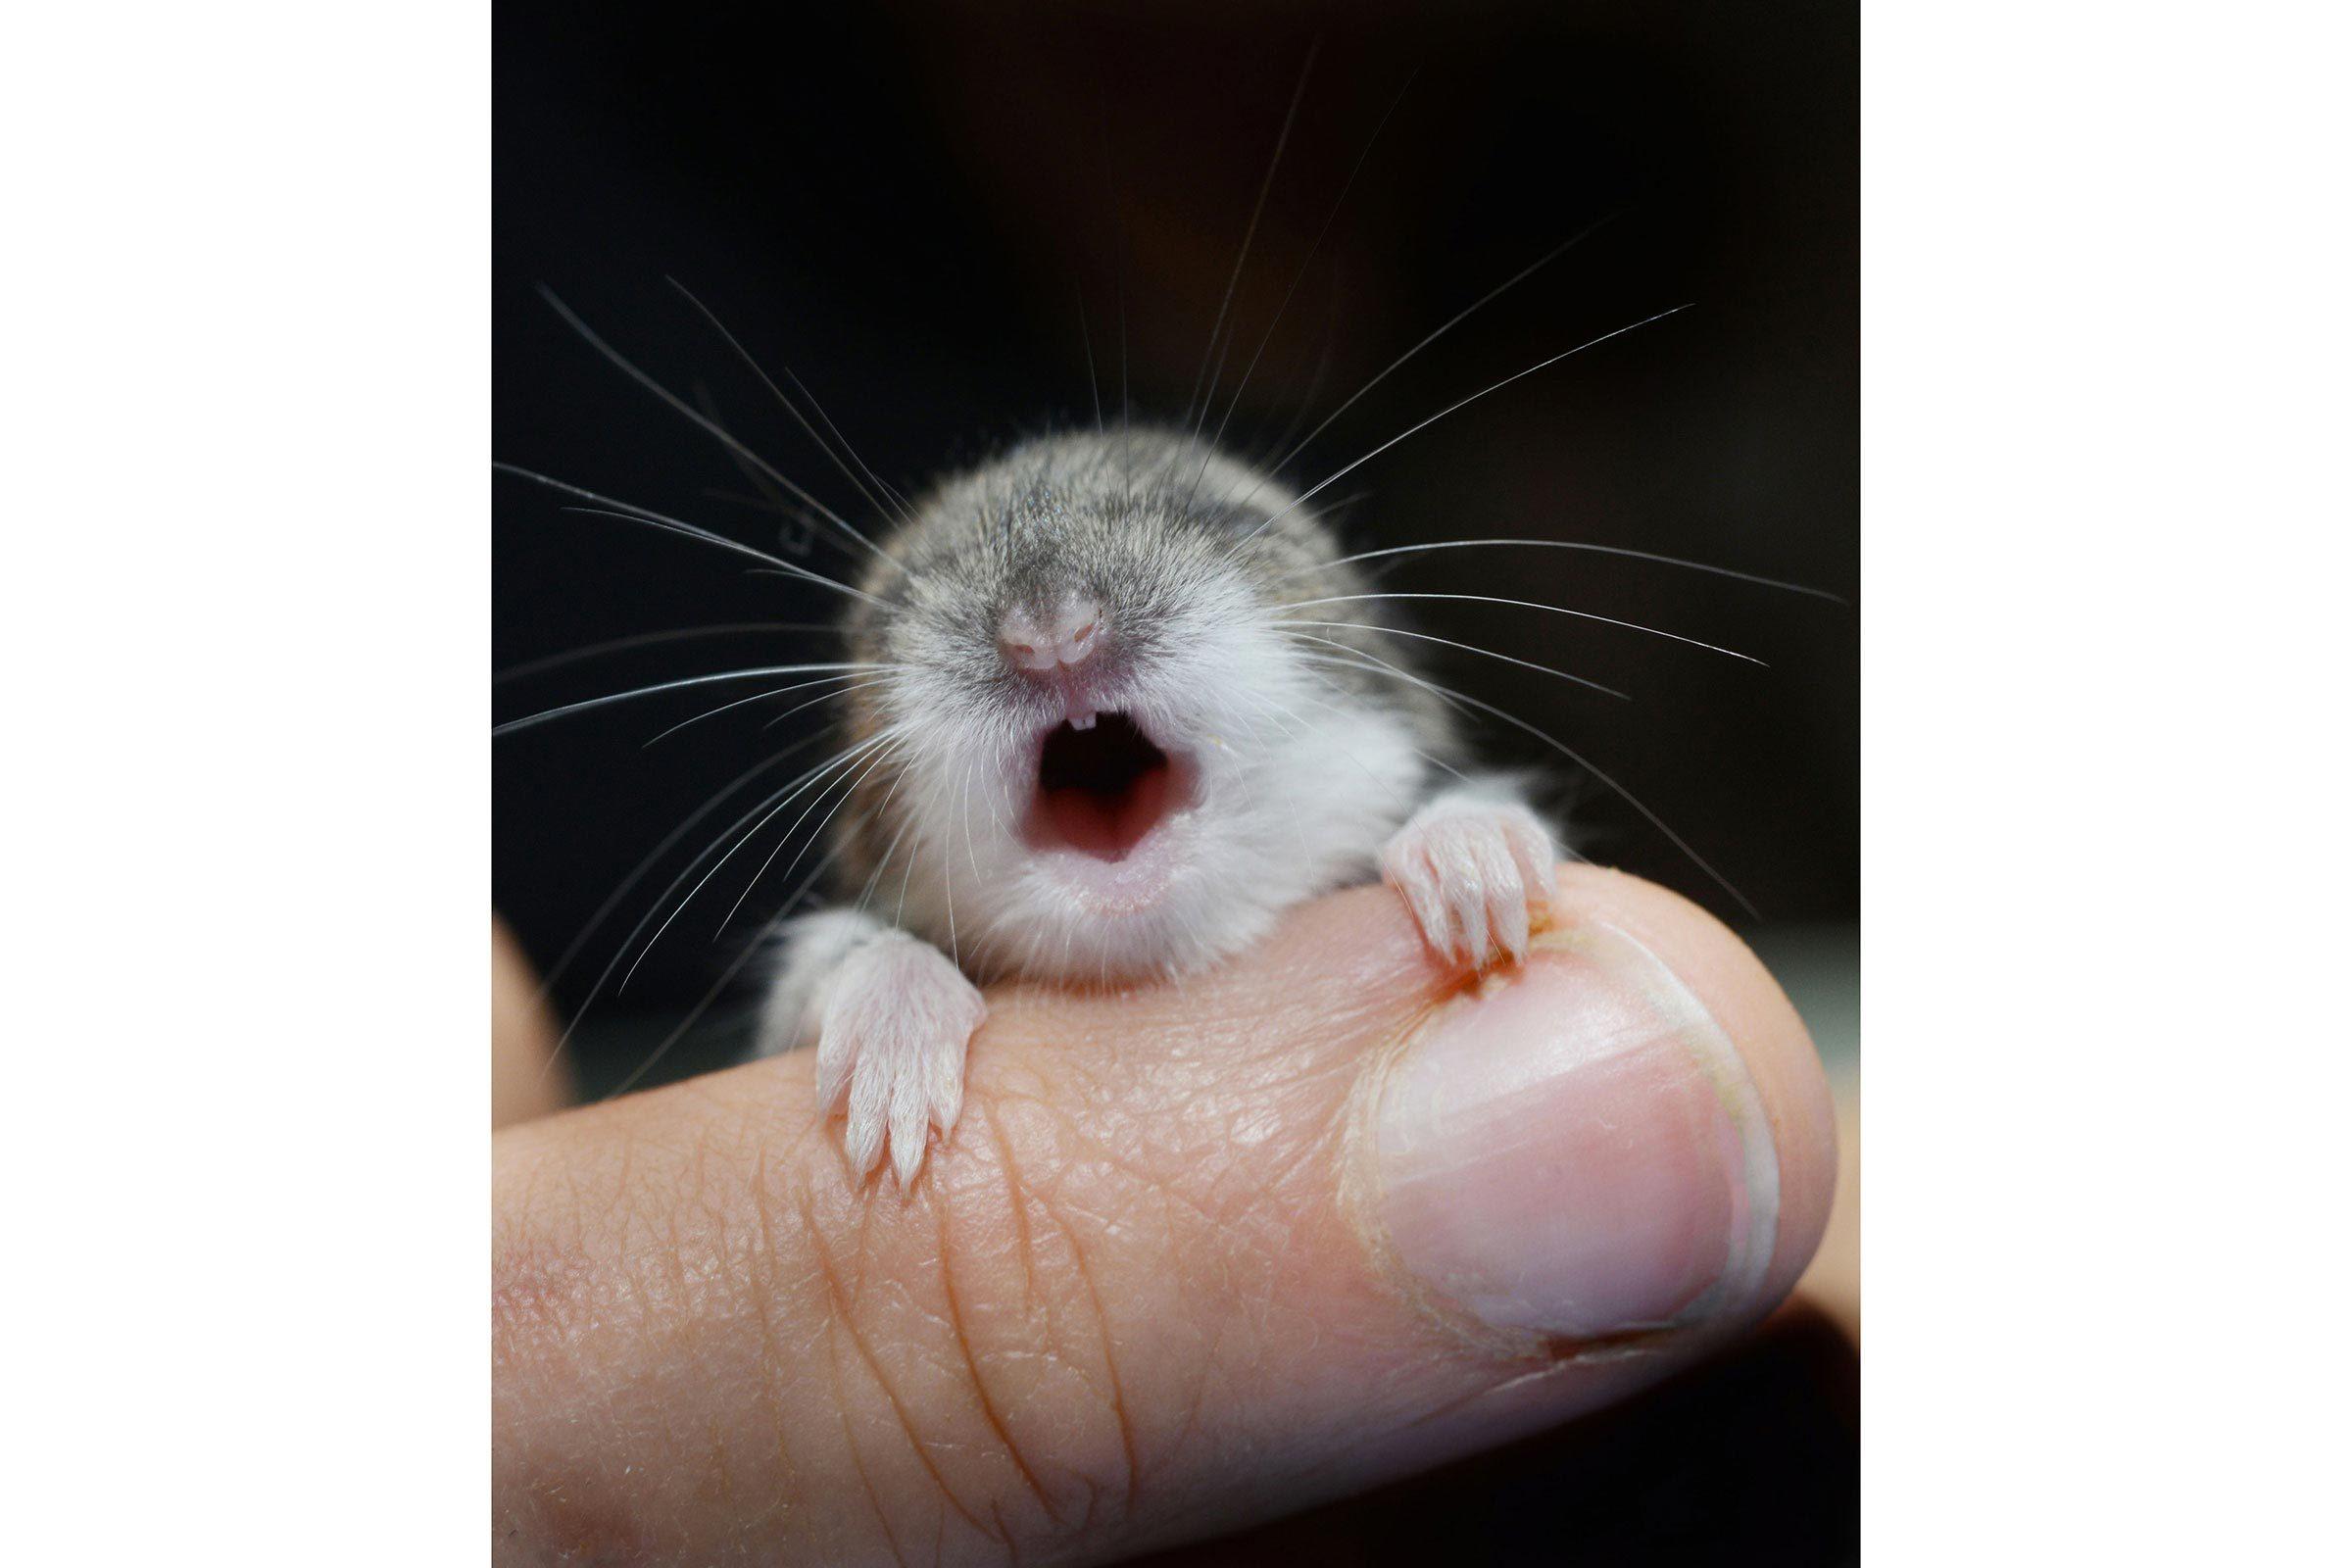 Bébé animaux : souris à pattes blanches de 2 semaines